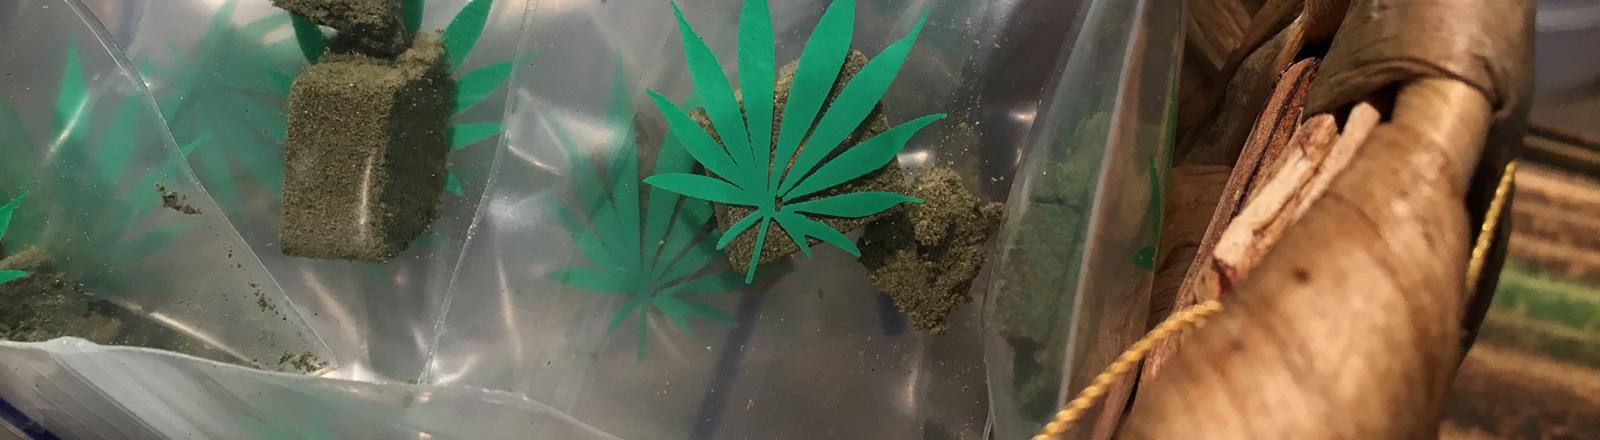 Cannabis zum Verkauf in einer Tüte.